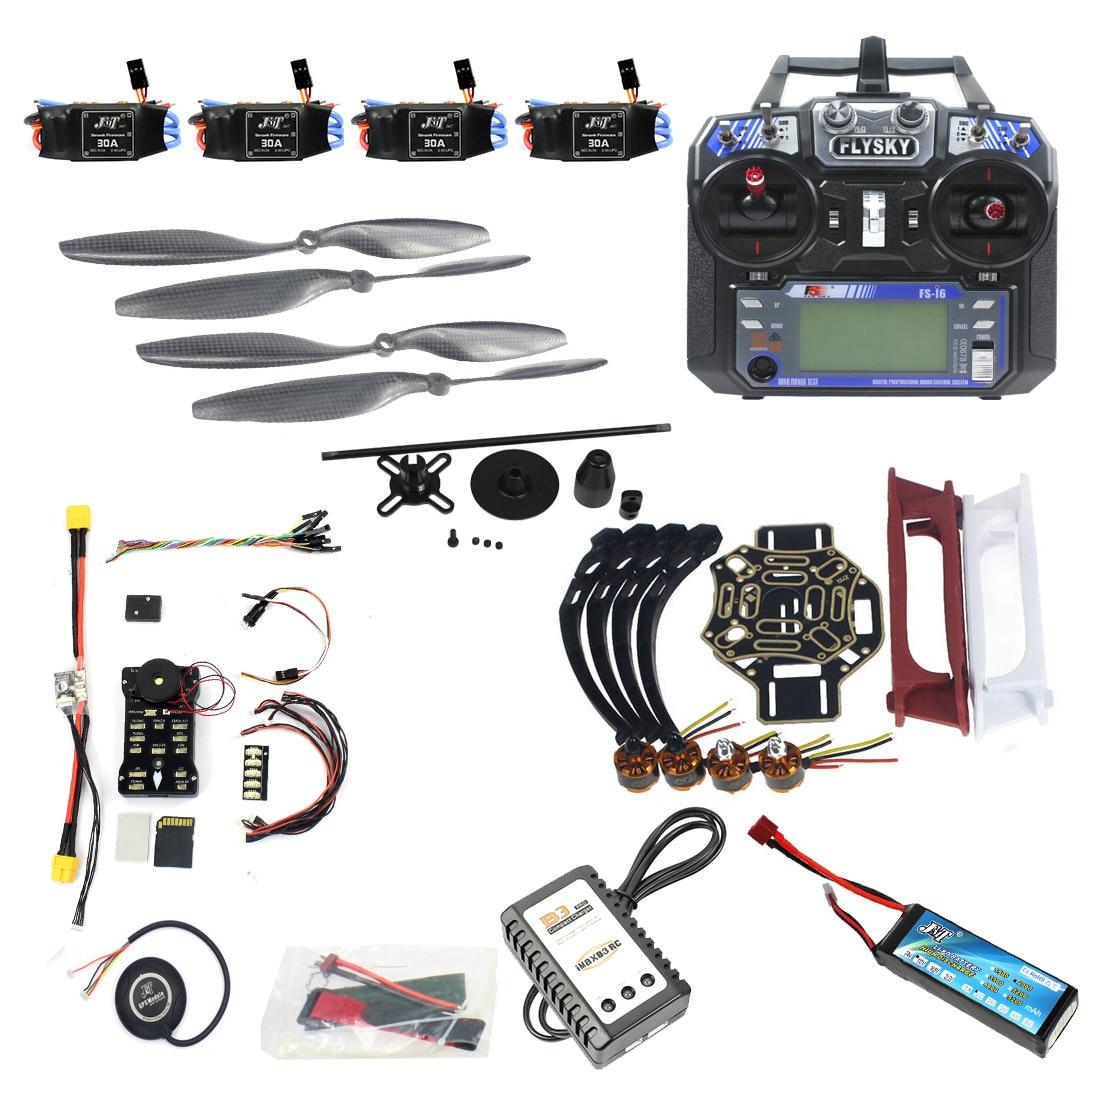 Bricolage FPV Drone quadrirotor 4 essieux avion Kit 450 cadre PXI PX4 commande de vol 920KV moteur GPS FS i6 émetteur F02192 AC-in Avions télécommandés from Jeux et loisirs    1